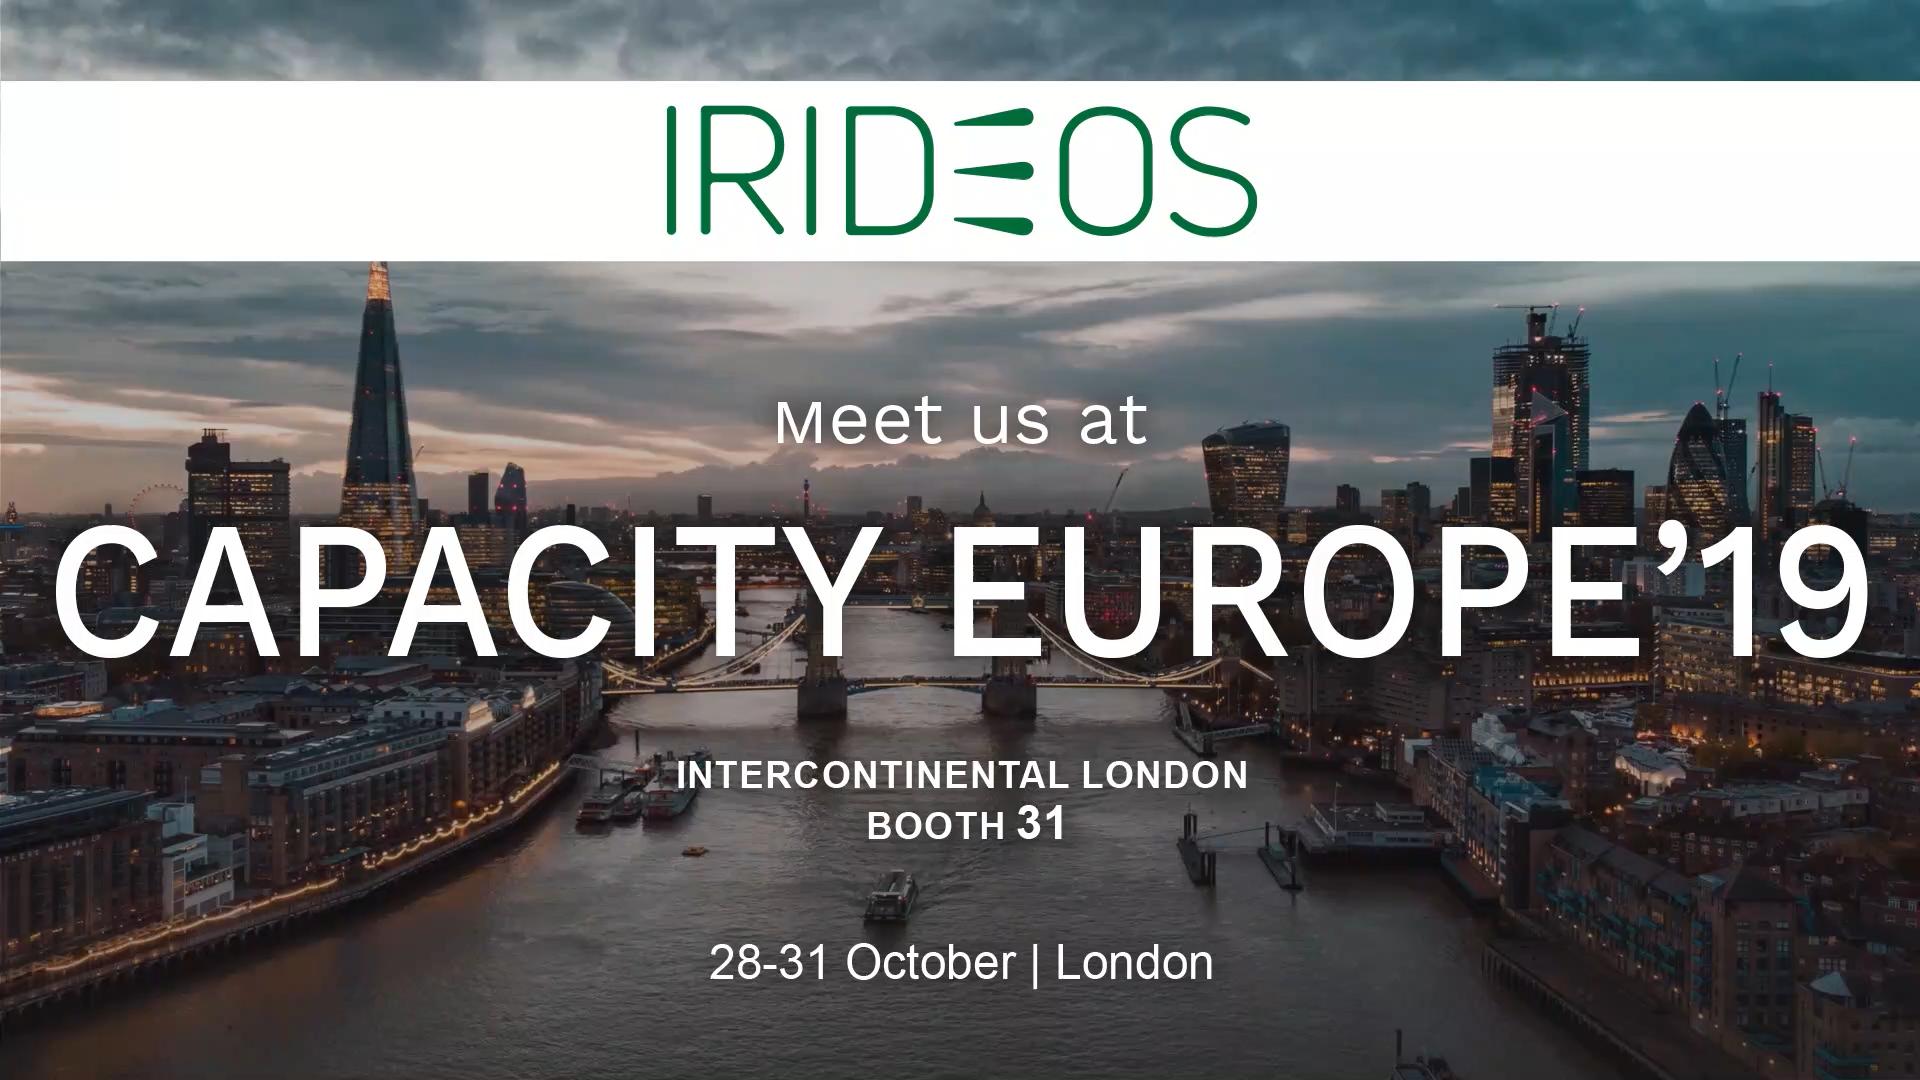 IRIDEOS partecipa @CAPACITY EUROPE, Londra